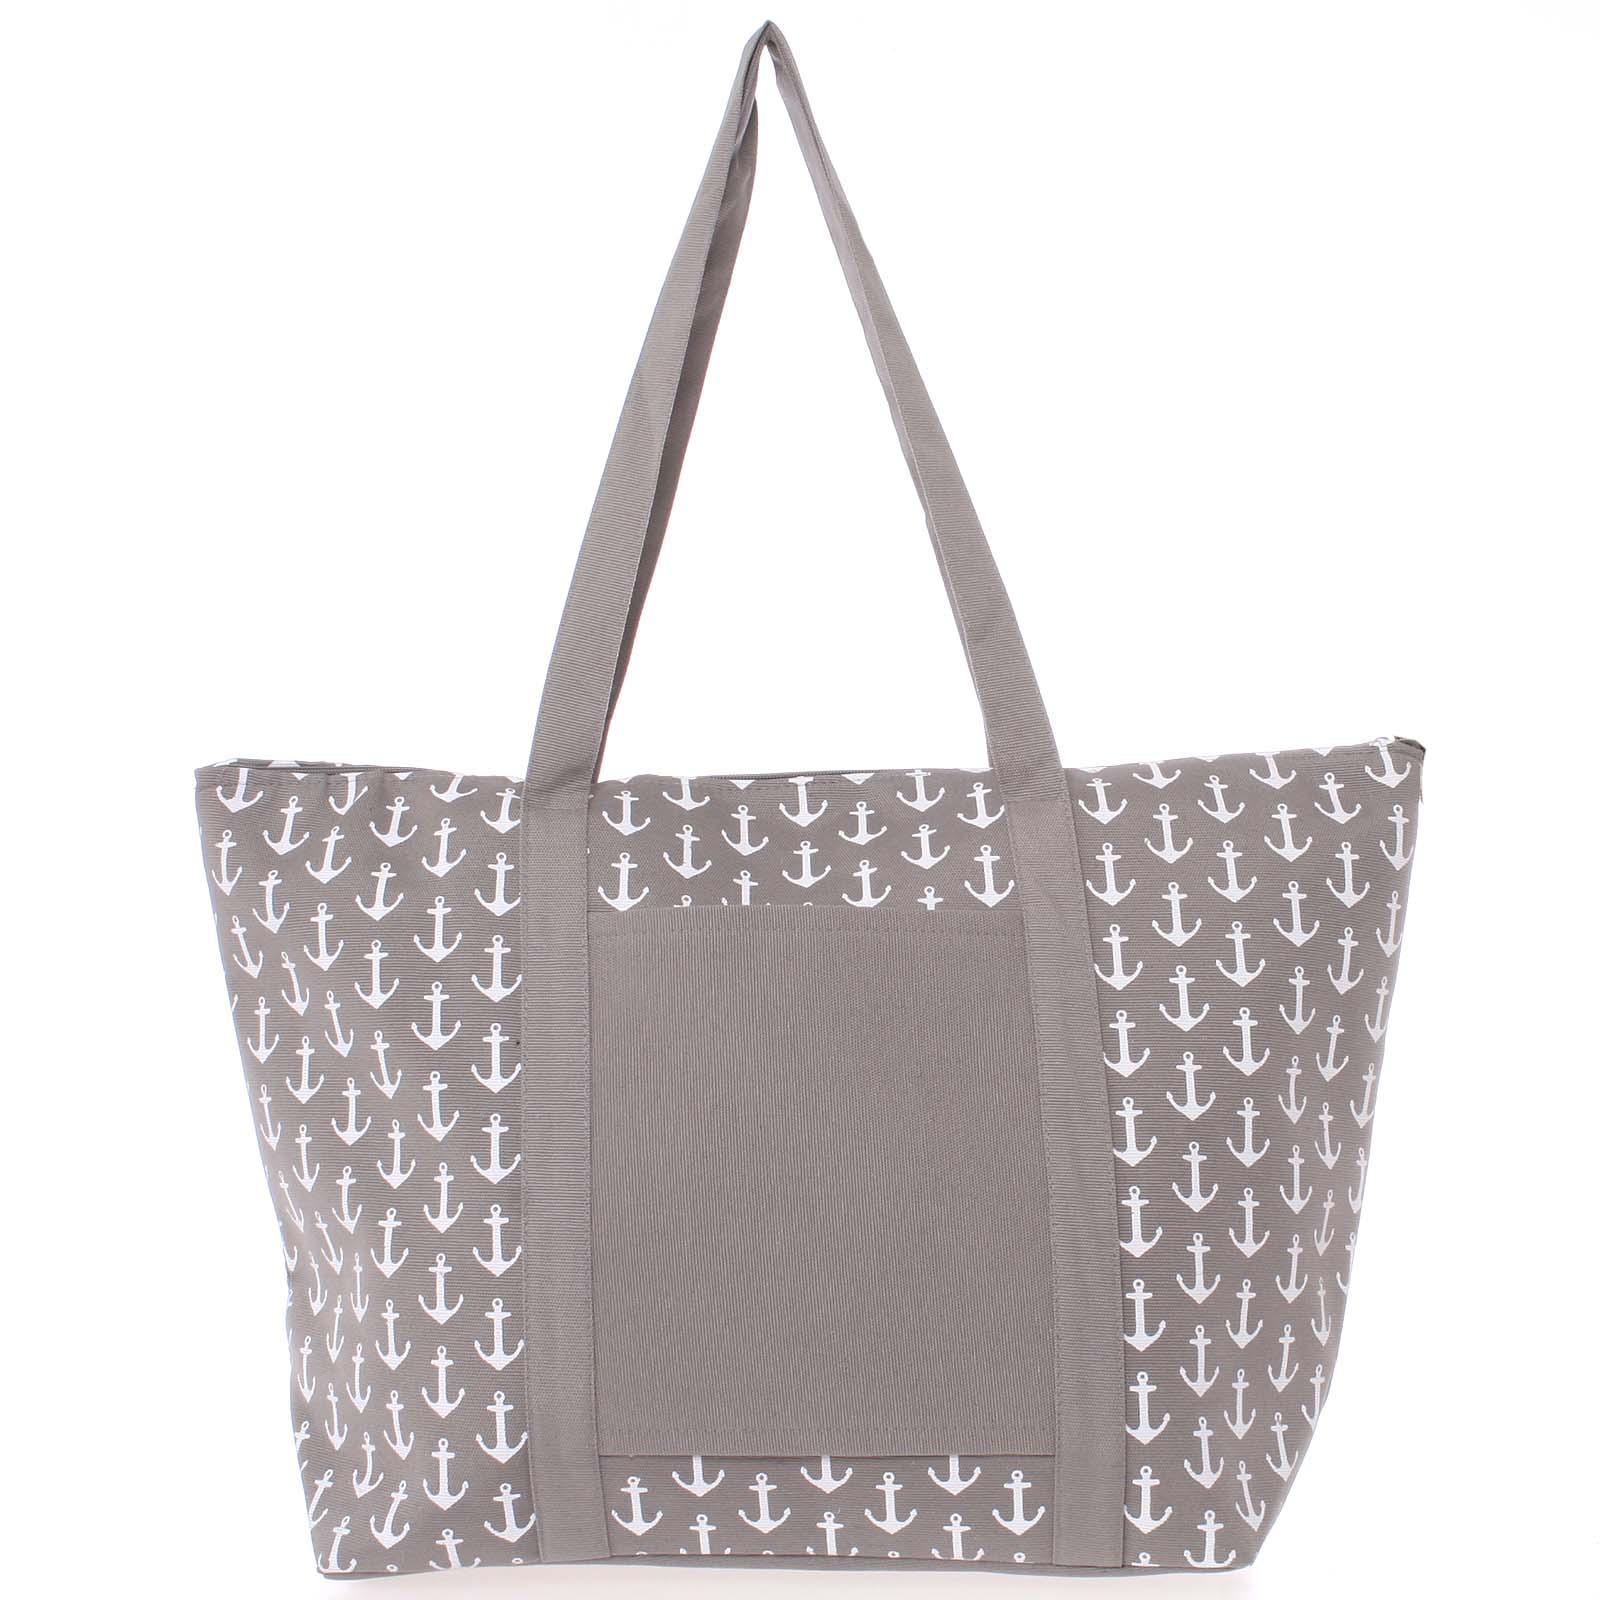 Luxusná sivá plážová taška - Delami Spirance